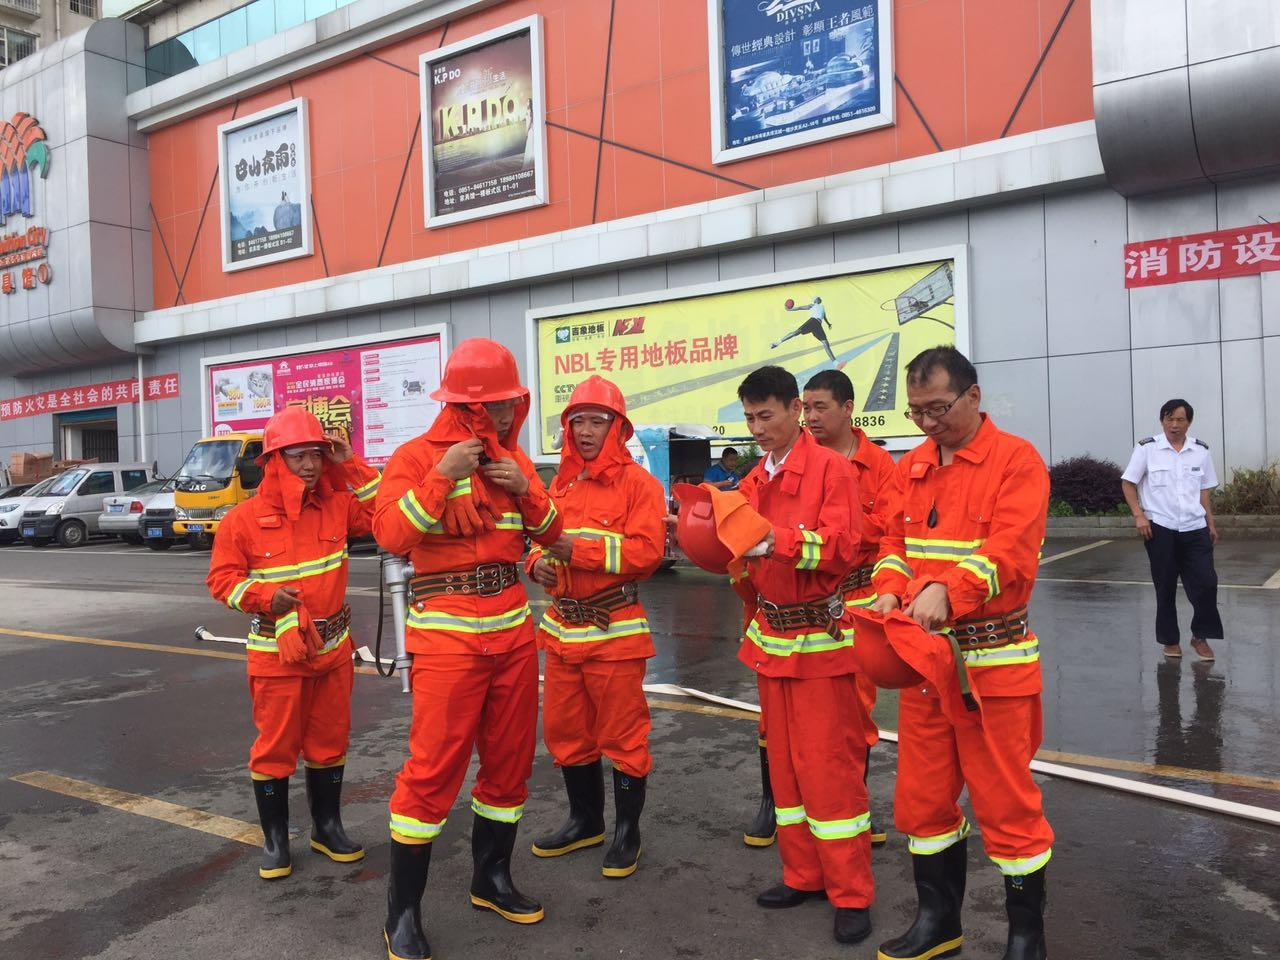 消防应急救援疏散演练